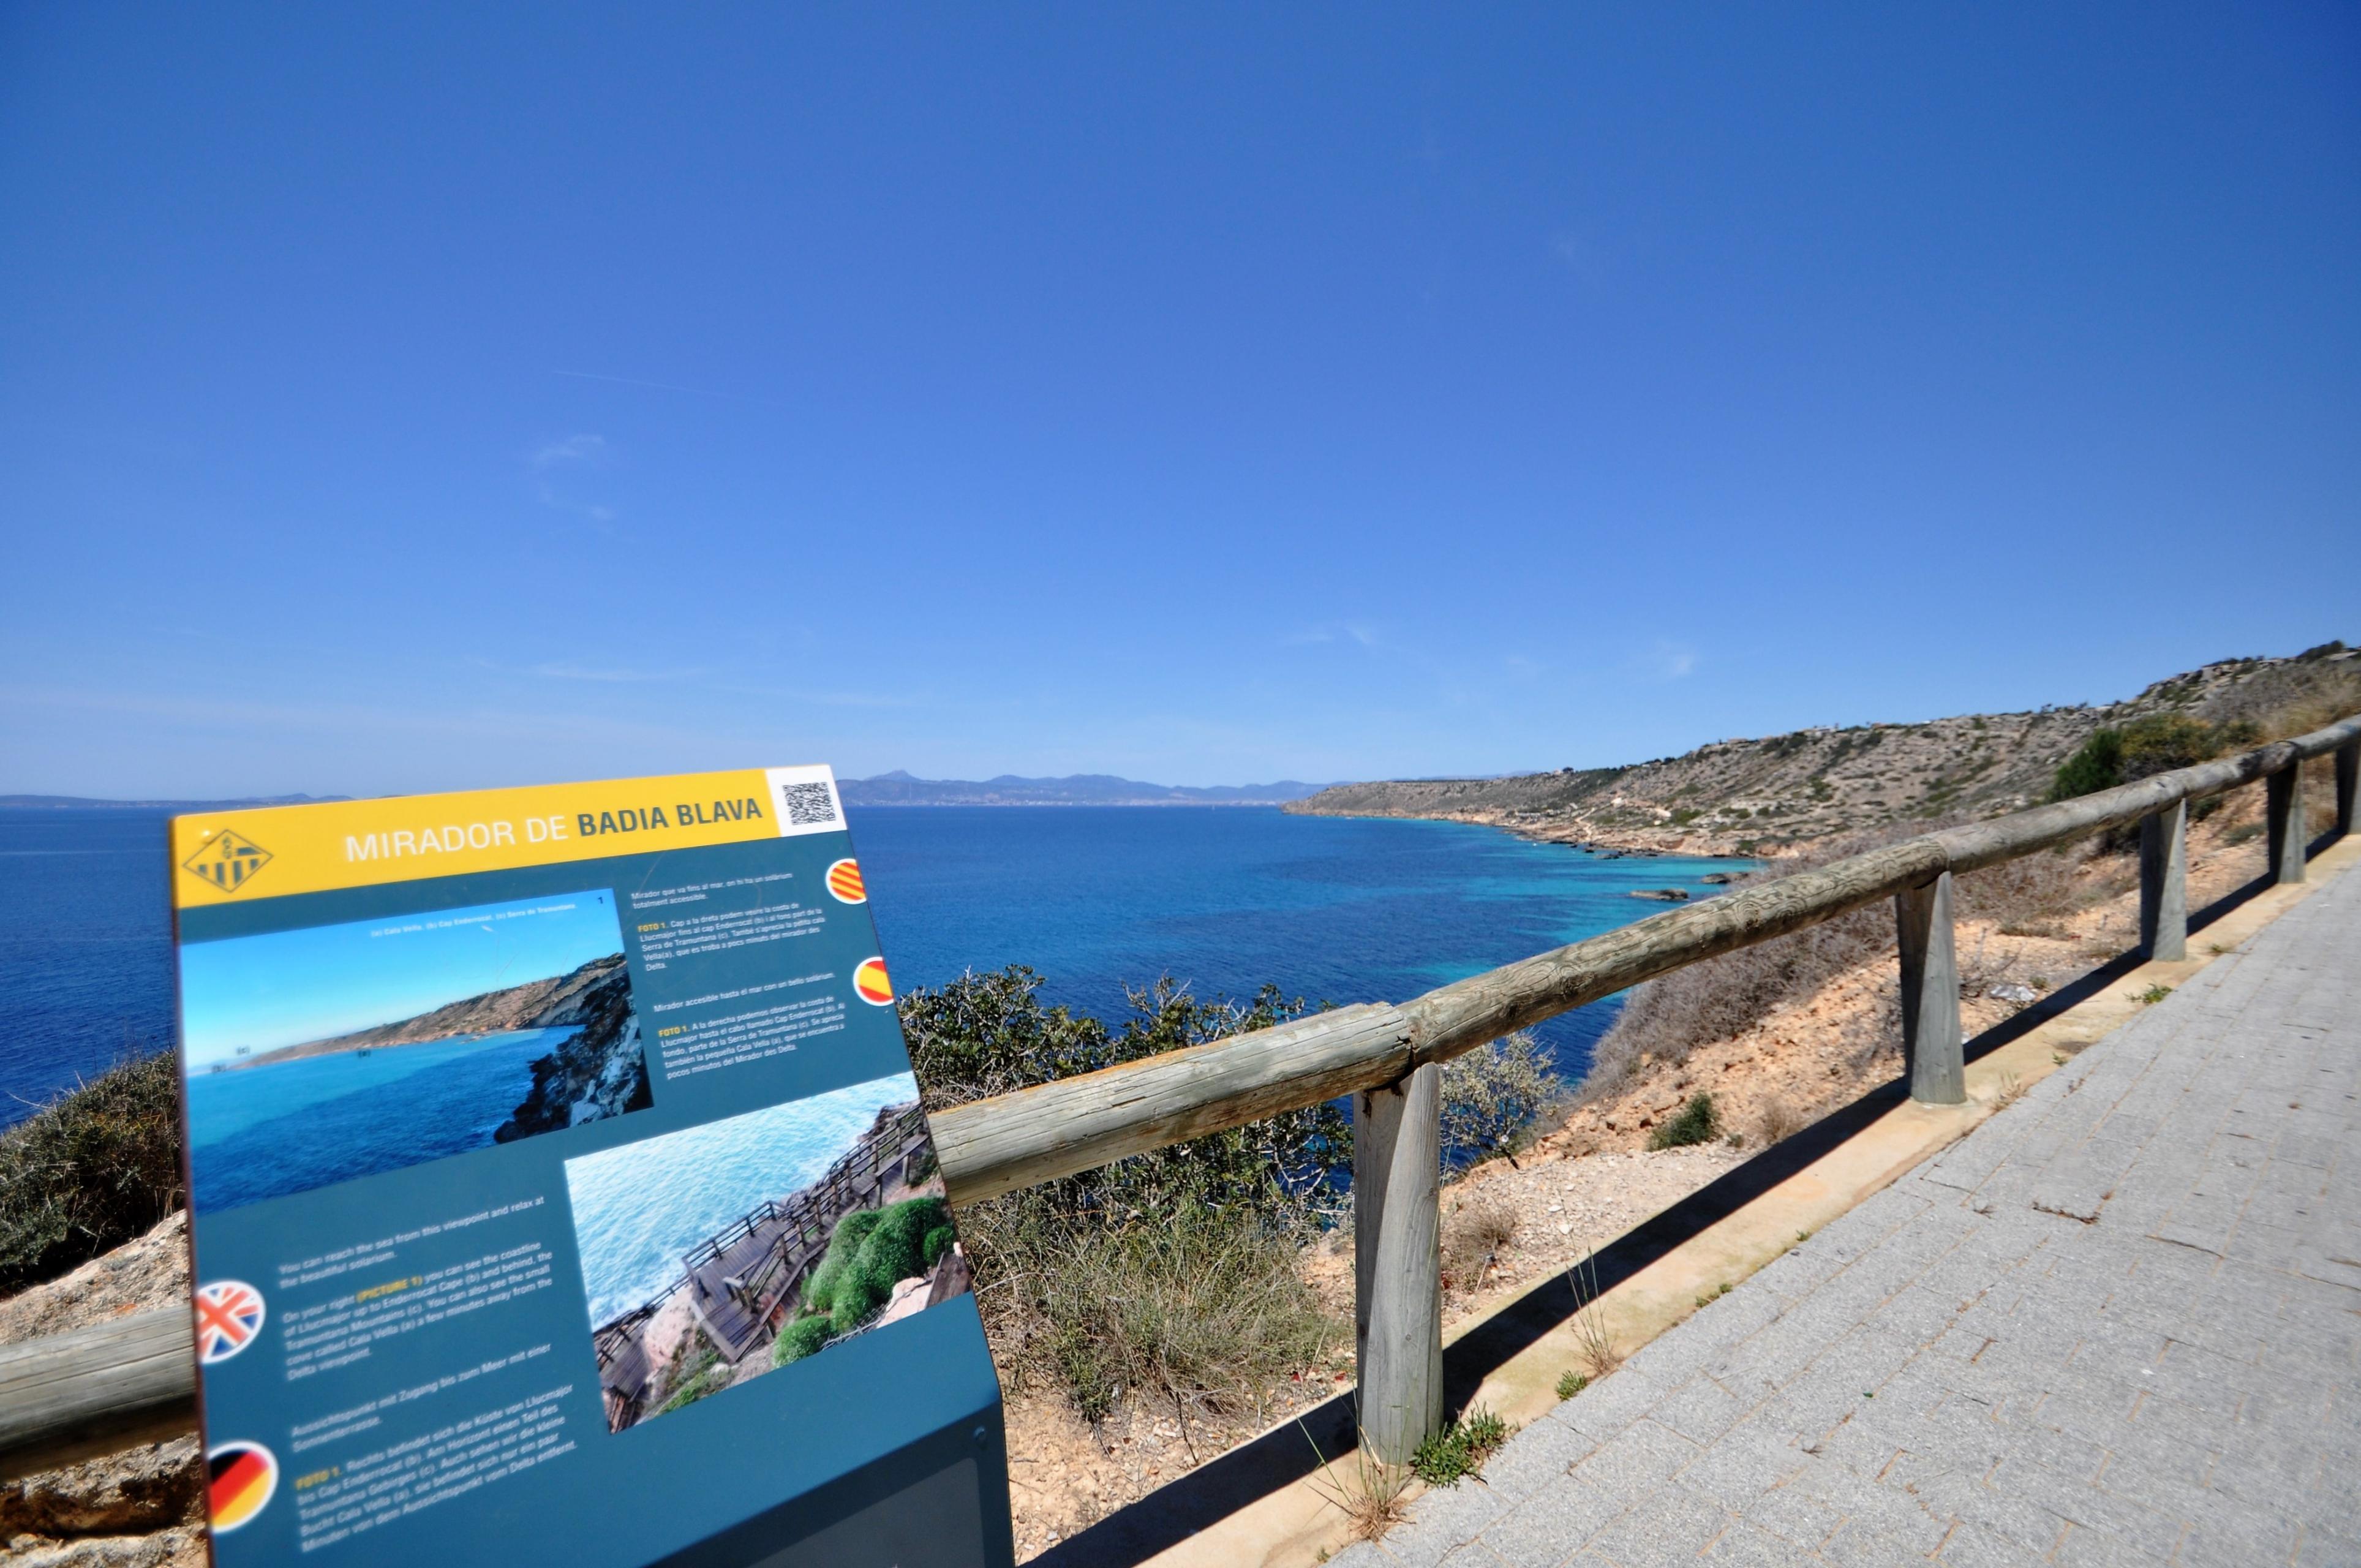 Maison de vacances VILLA BAY BLUE- Bahia Azul- Mallorca - VILLAONLINE - Kostenloses WLAN (2684052), Bahia Azul, Majorque, Iles Baléares, Espagne, image 57